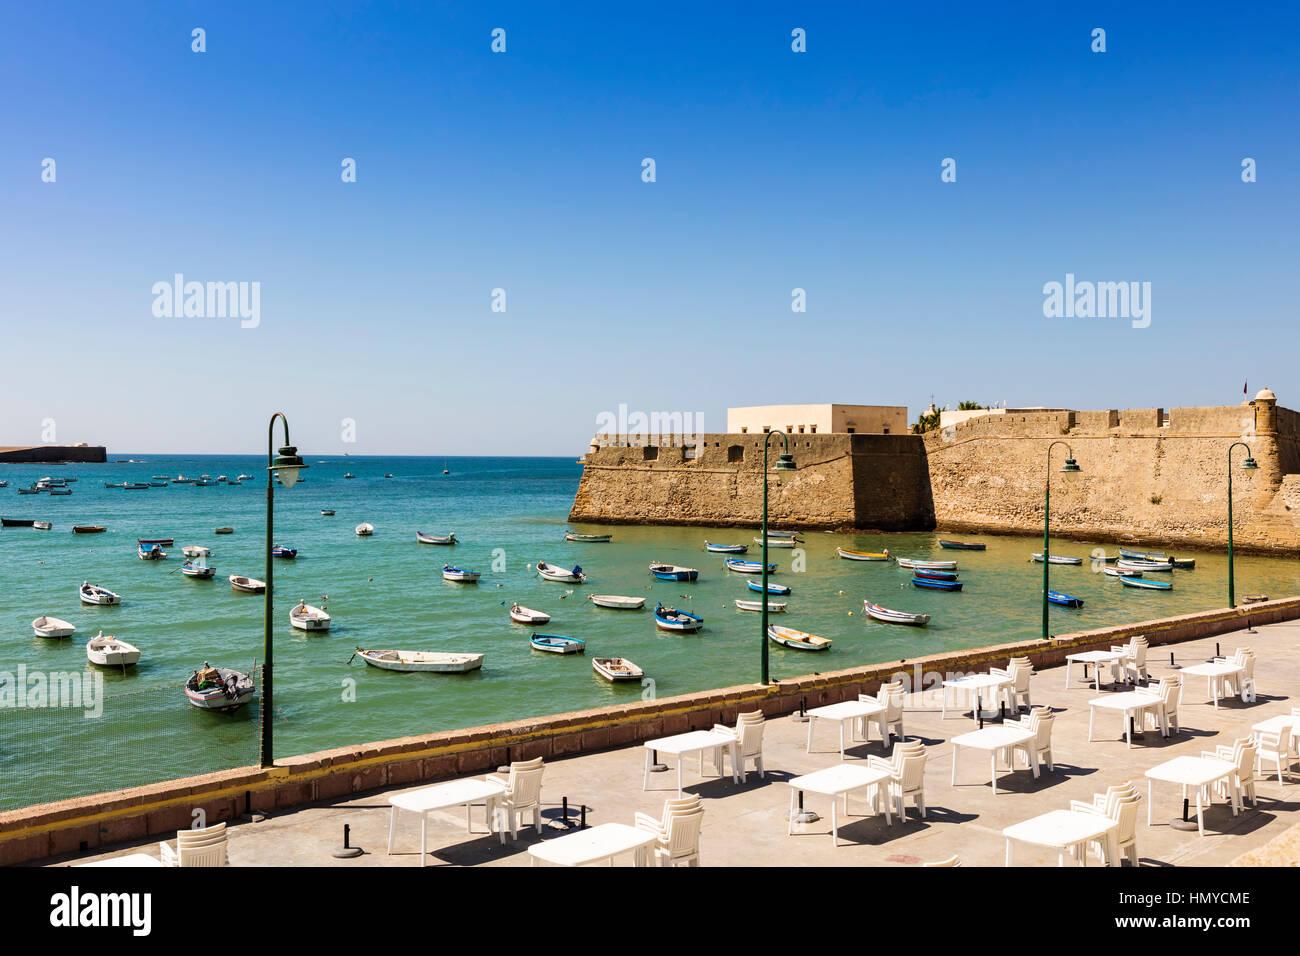 Promenade du château médiéval de Santa Catalina, Cadix (Espagne). Banque D'Images